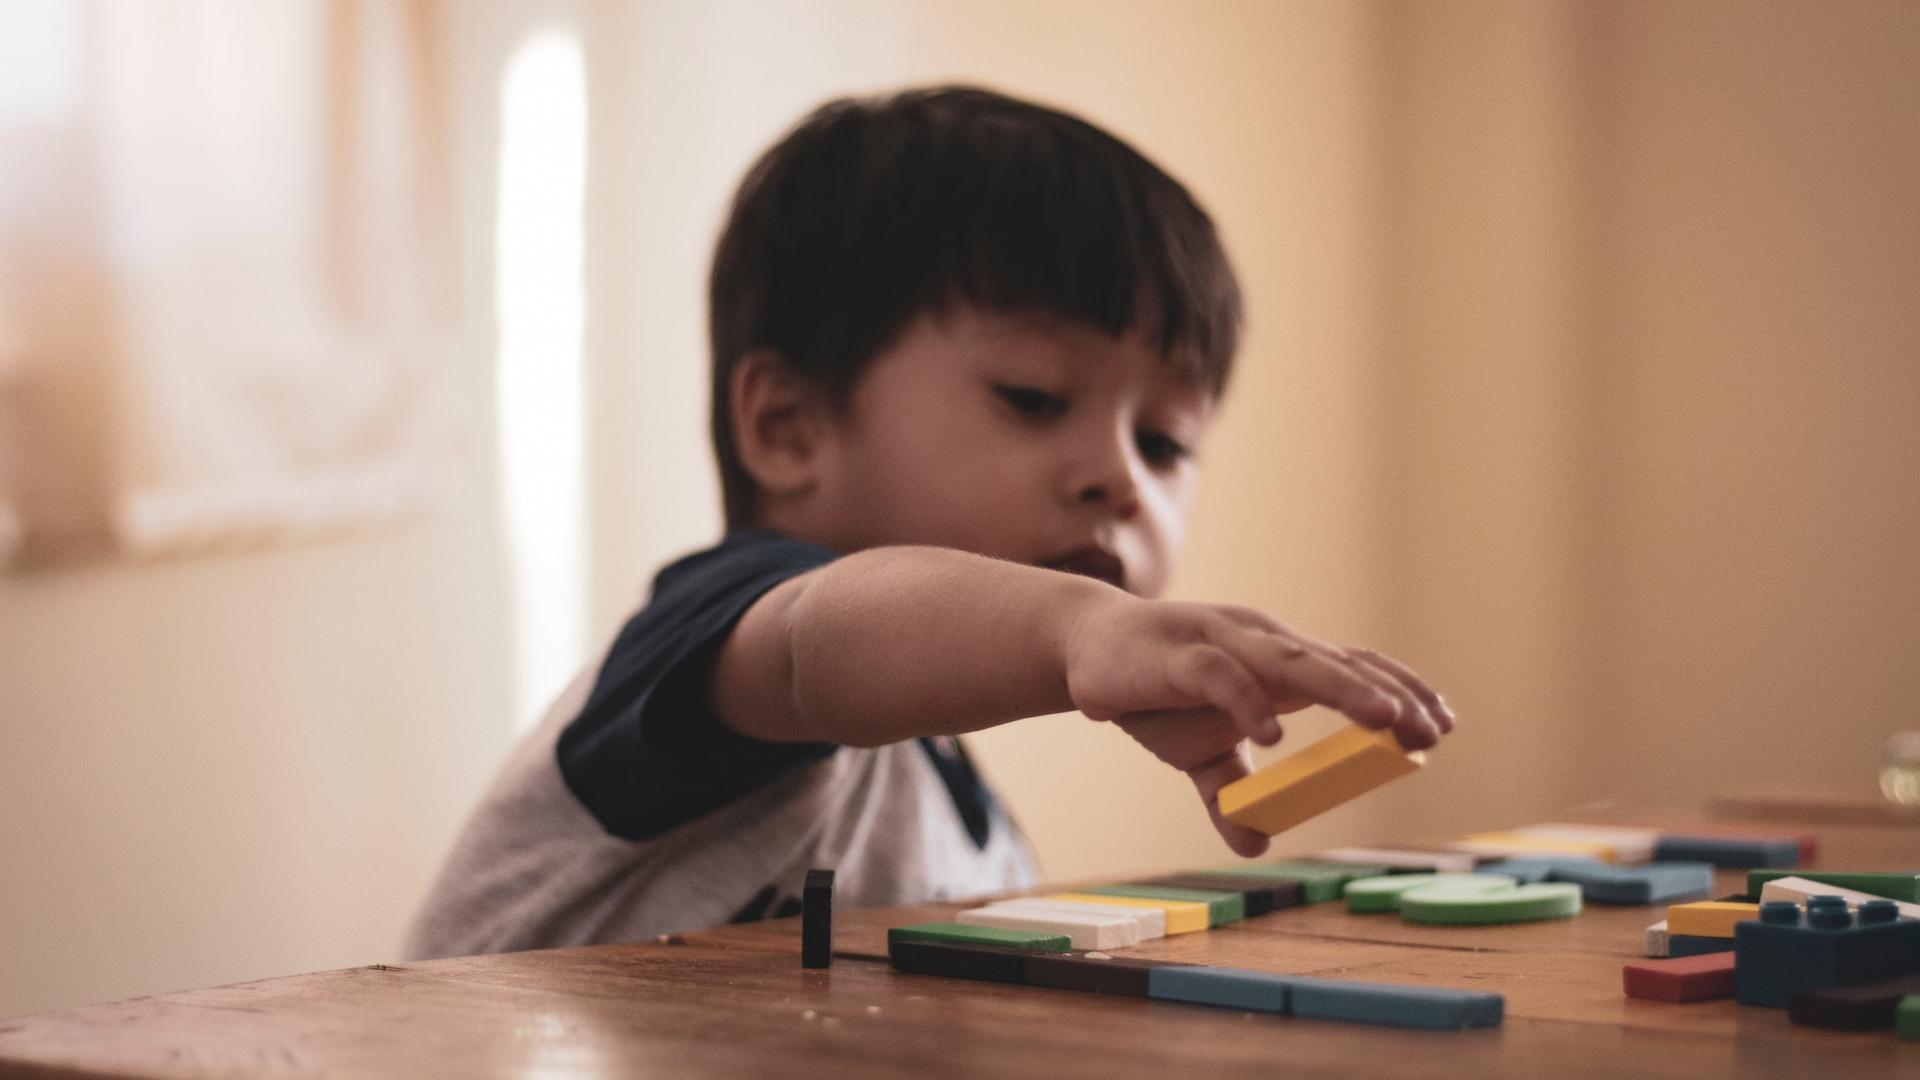 Junge spielt mit Holz